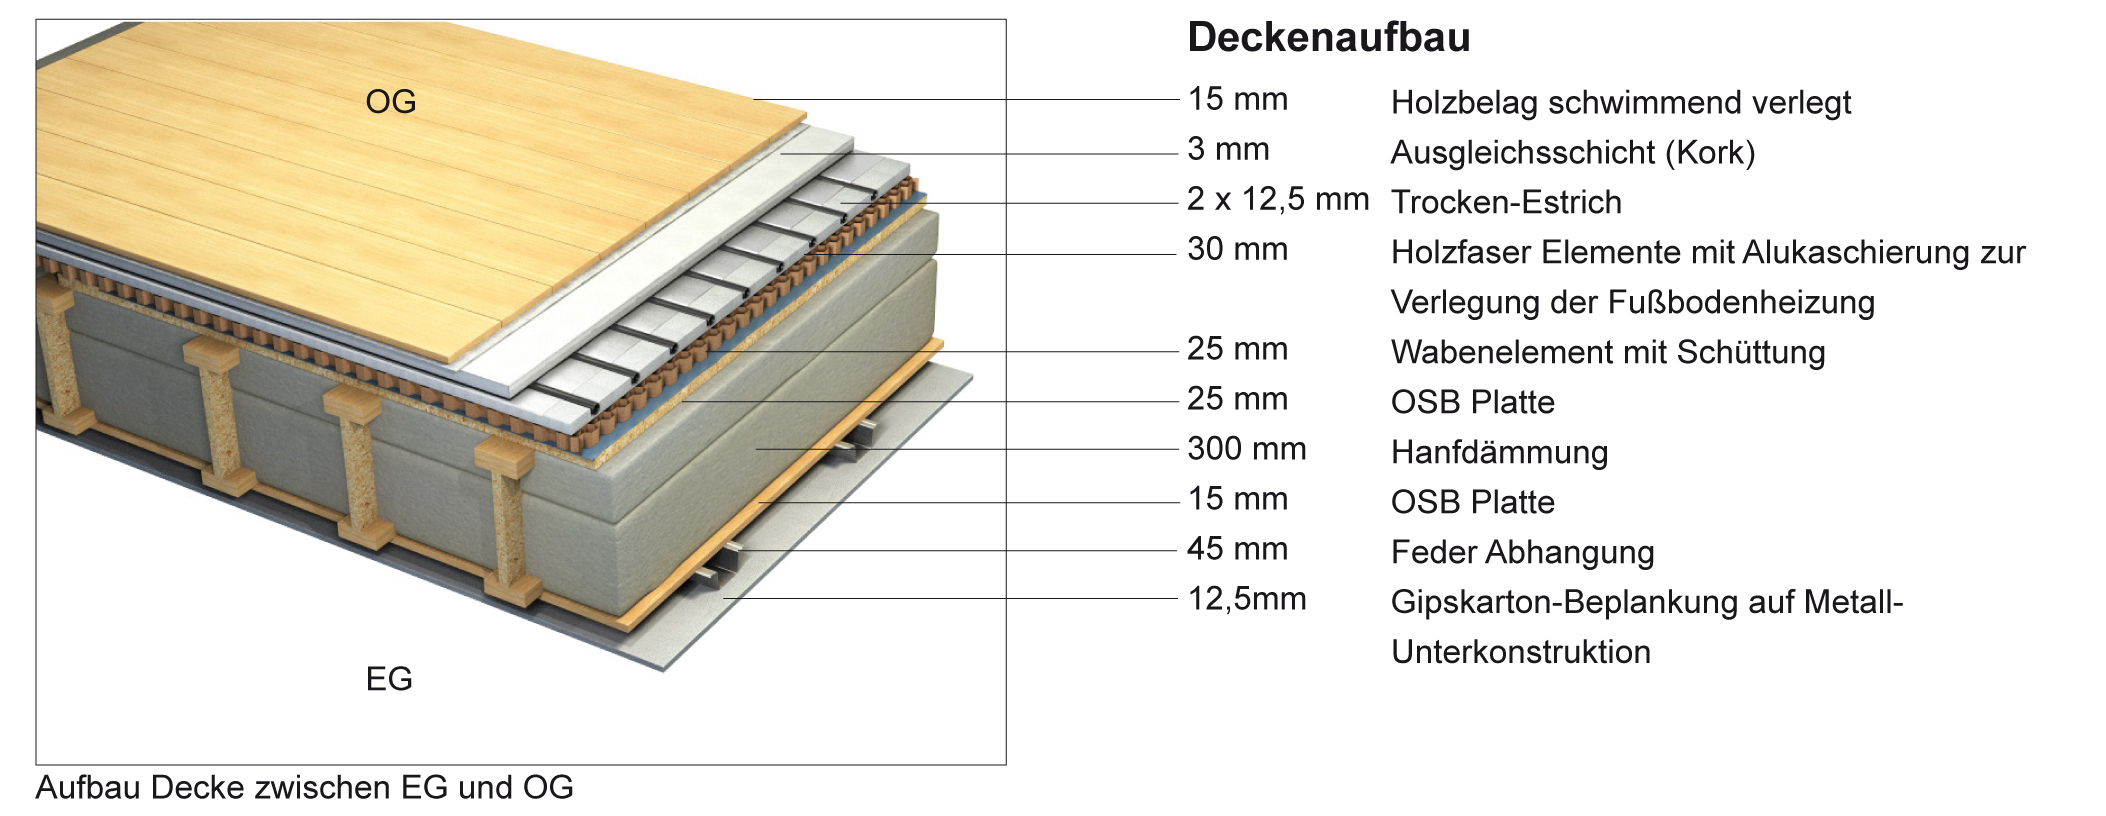 F87_Aufbau_Decke